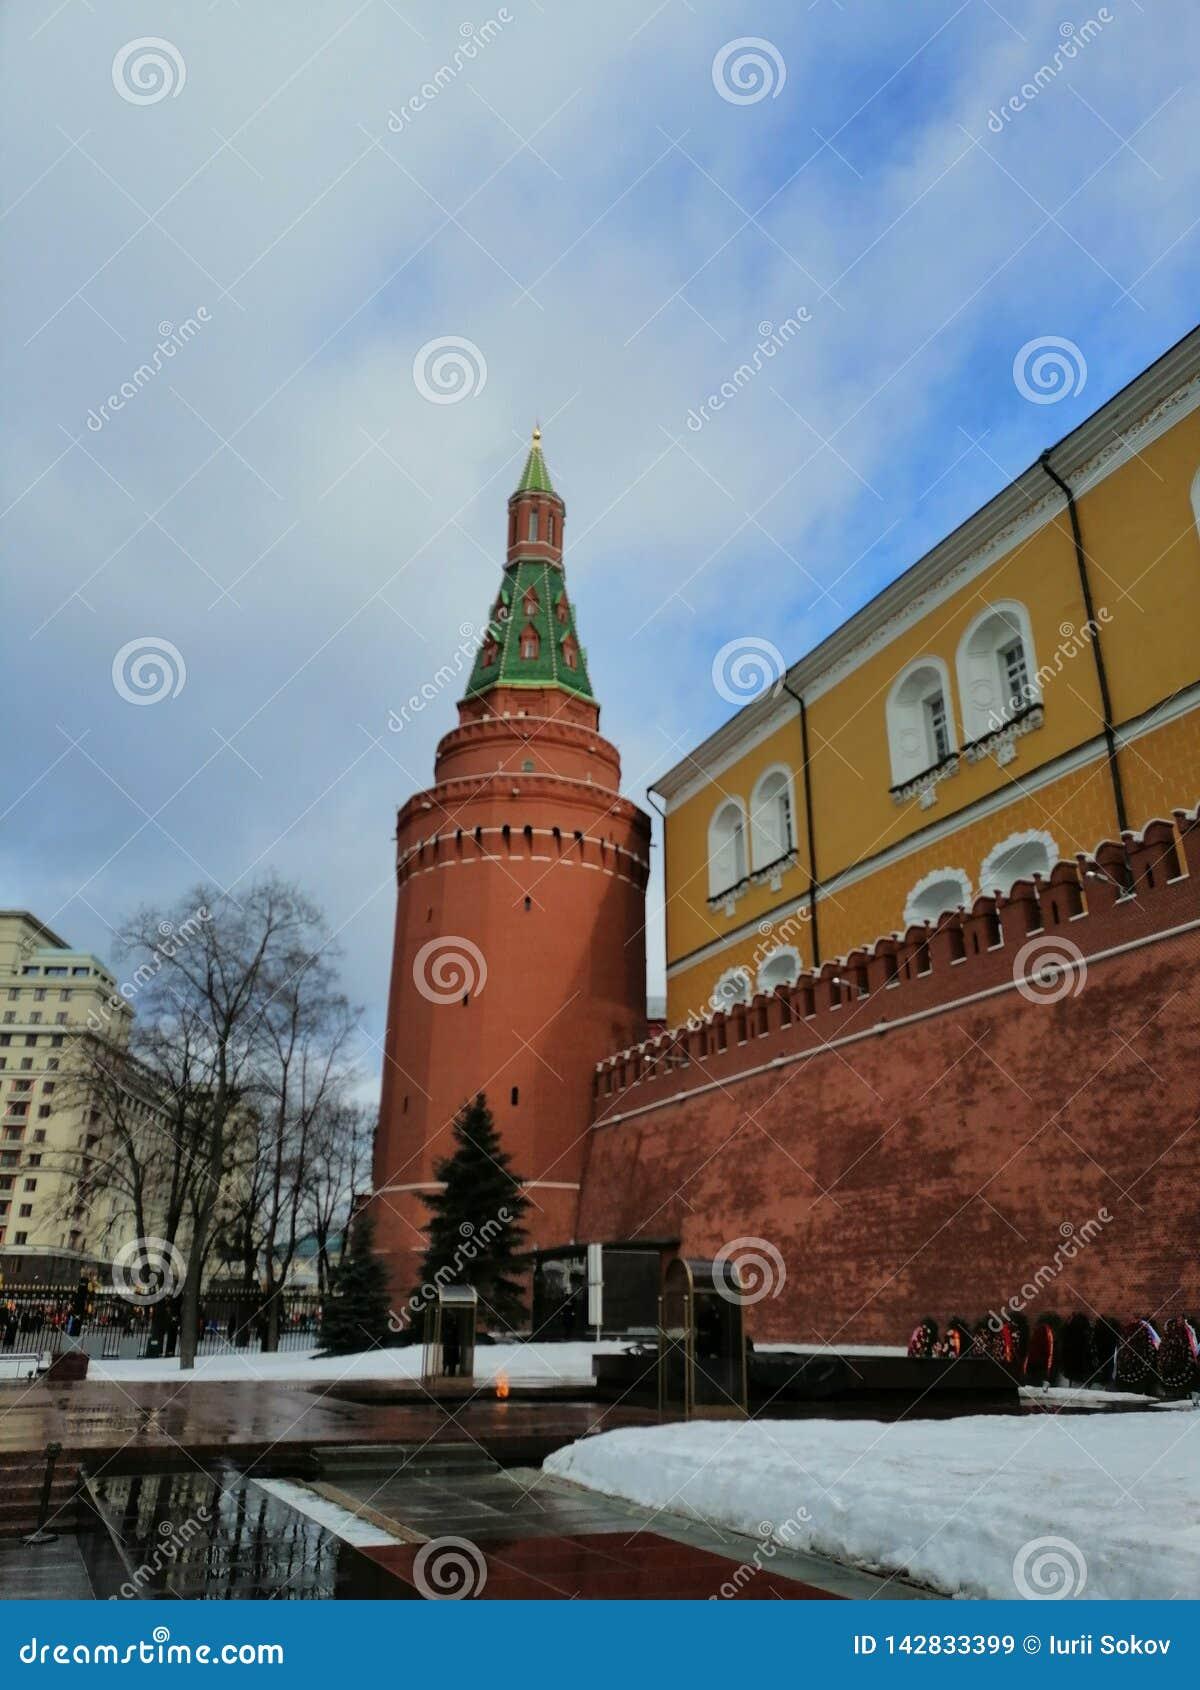 De eeuwige vlam op de achtergrond van de torens van het Kremlin